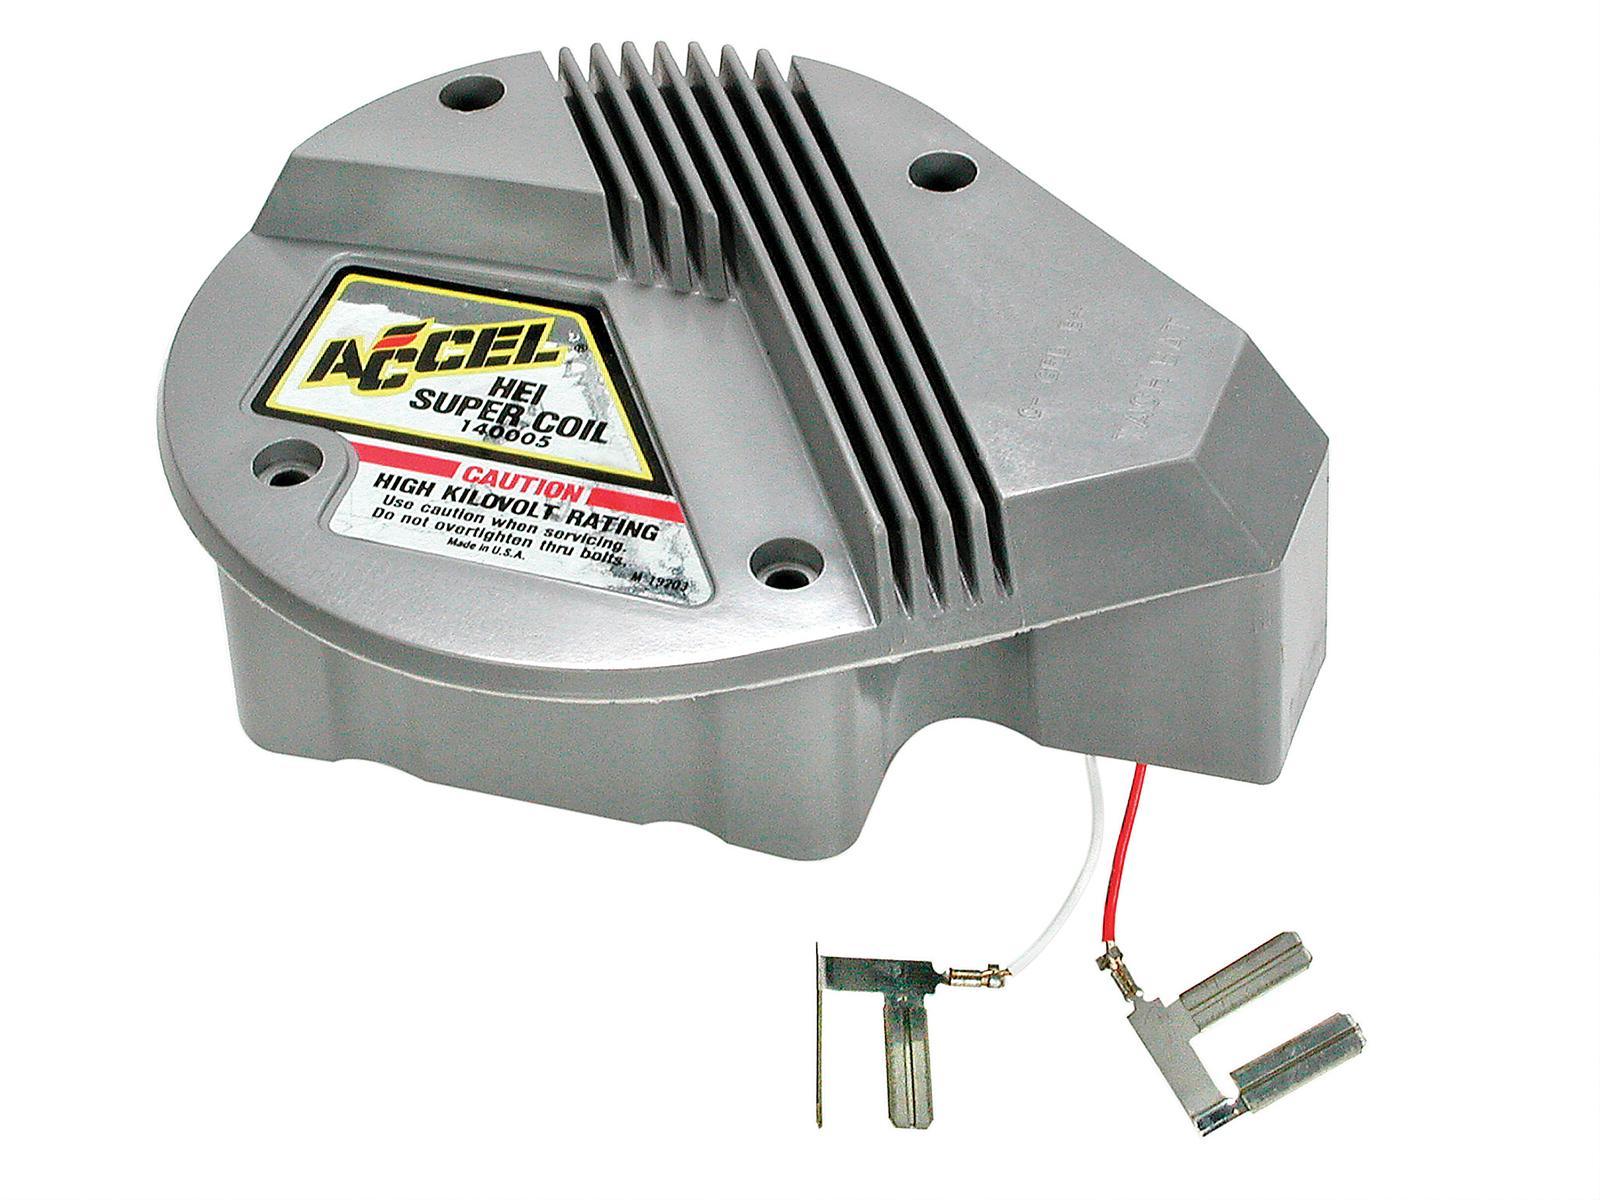 accel hei distributor wiring diagram ge profile refrigerator parts coil gm super in cap square epoxy gray